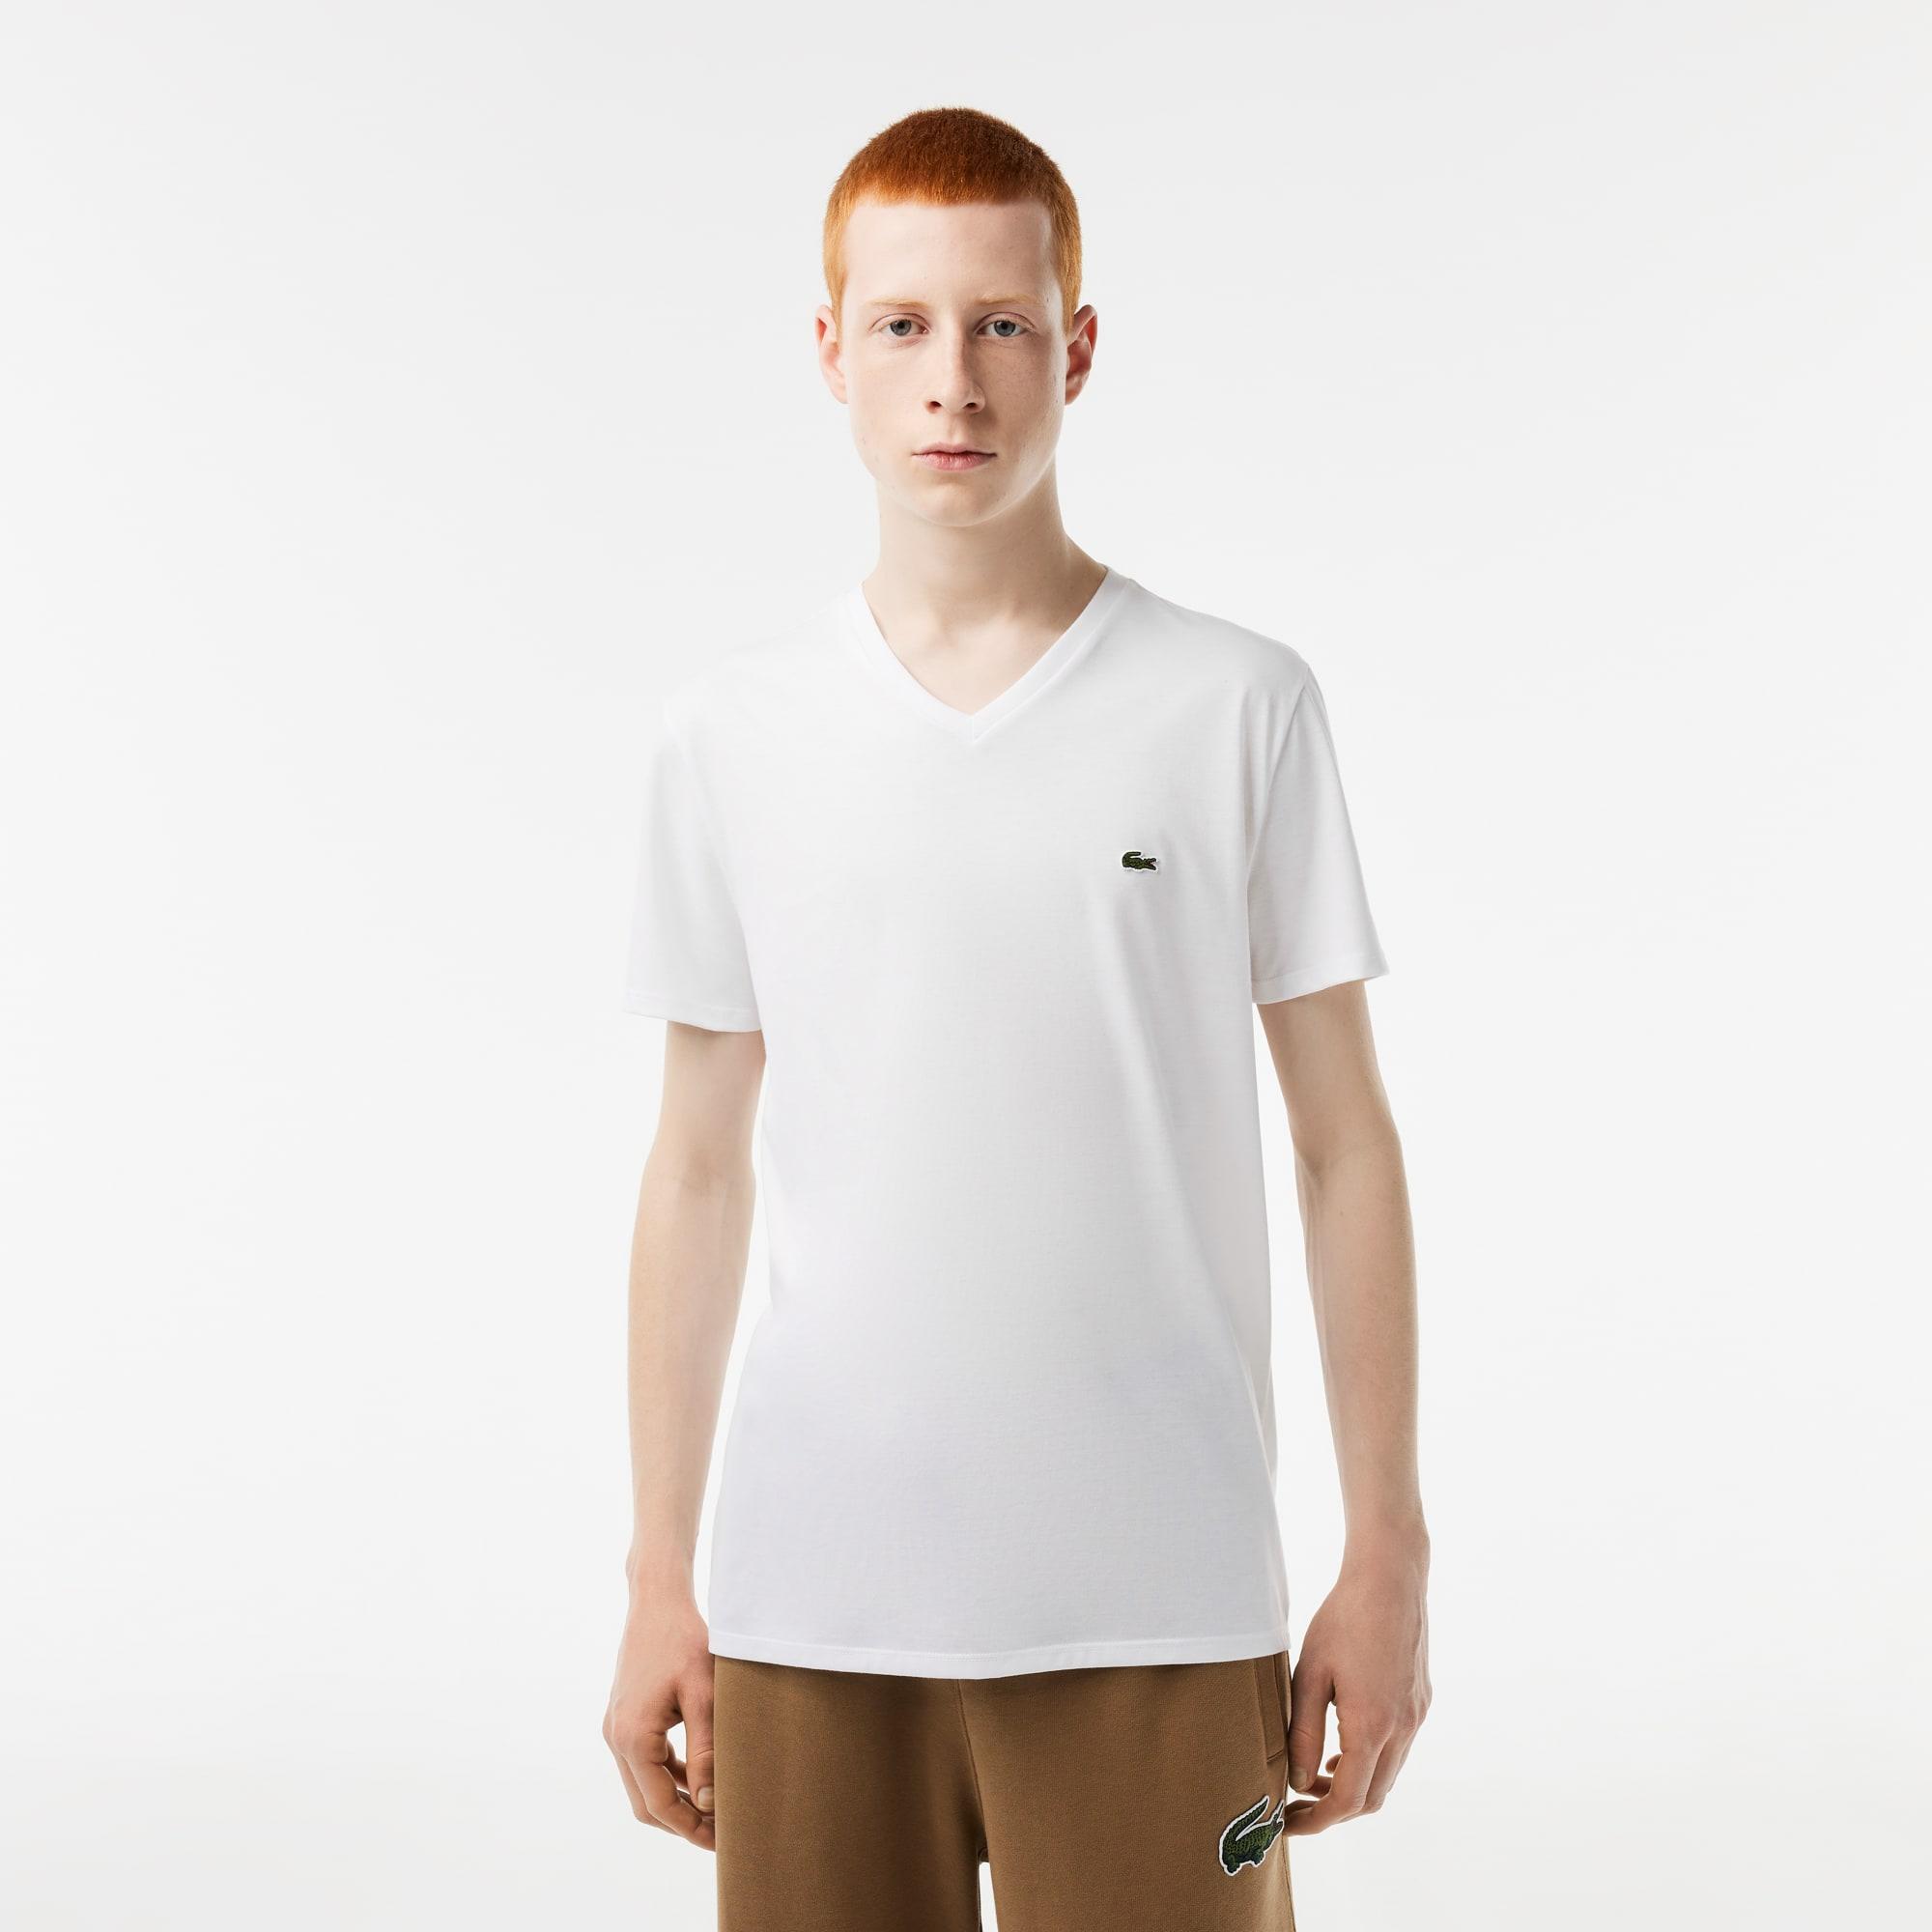 Camiseta Masculina em Jérsei de Algodão Pima com Gola V cd85a87063